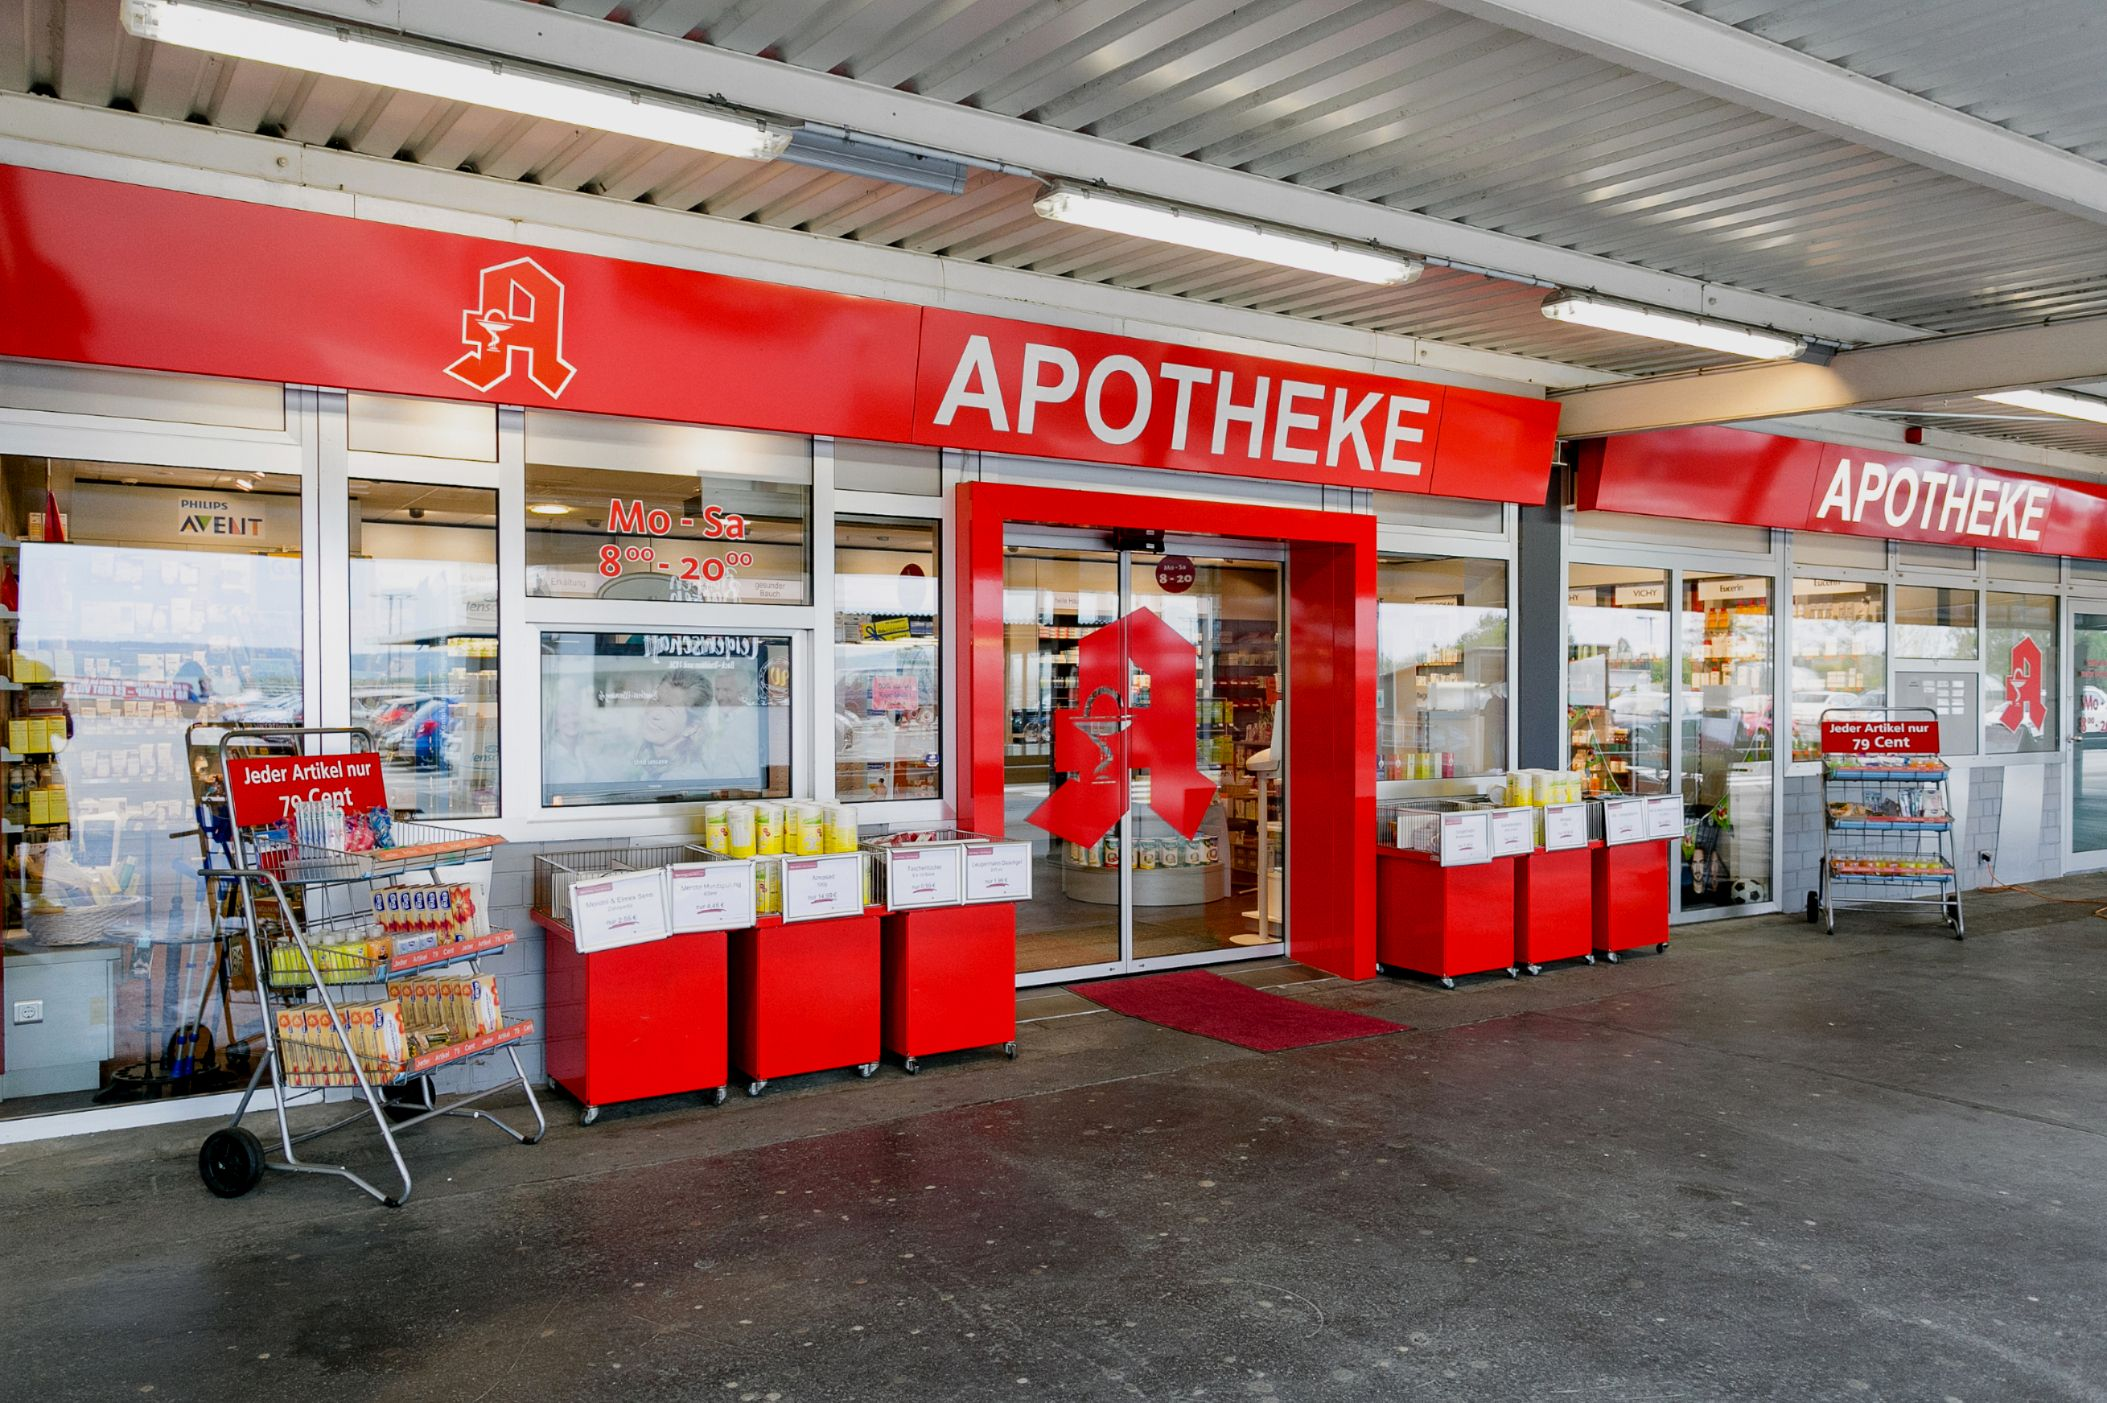 Apotheke im Marktkauf